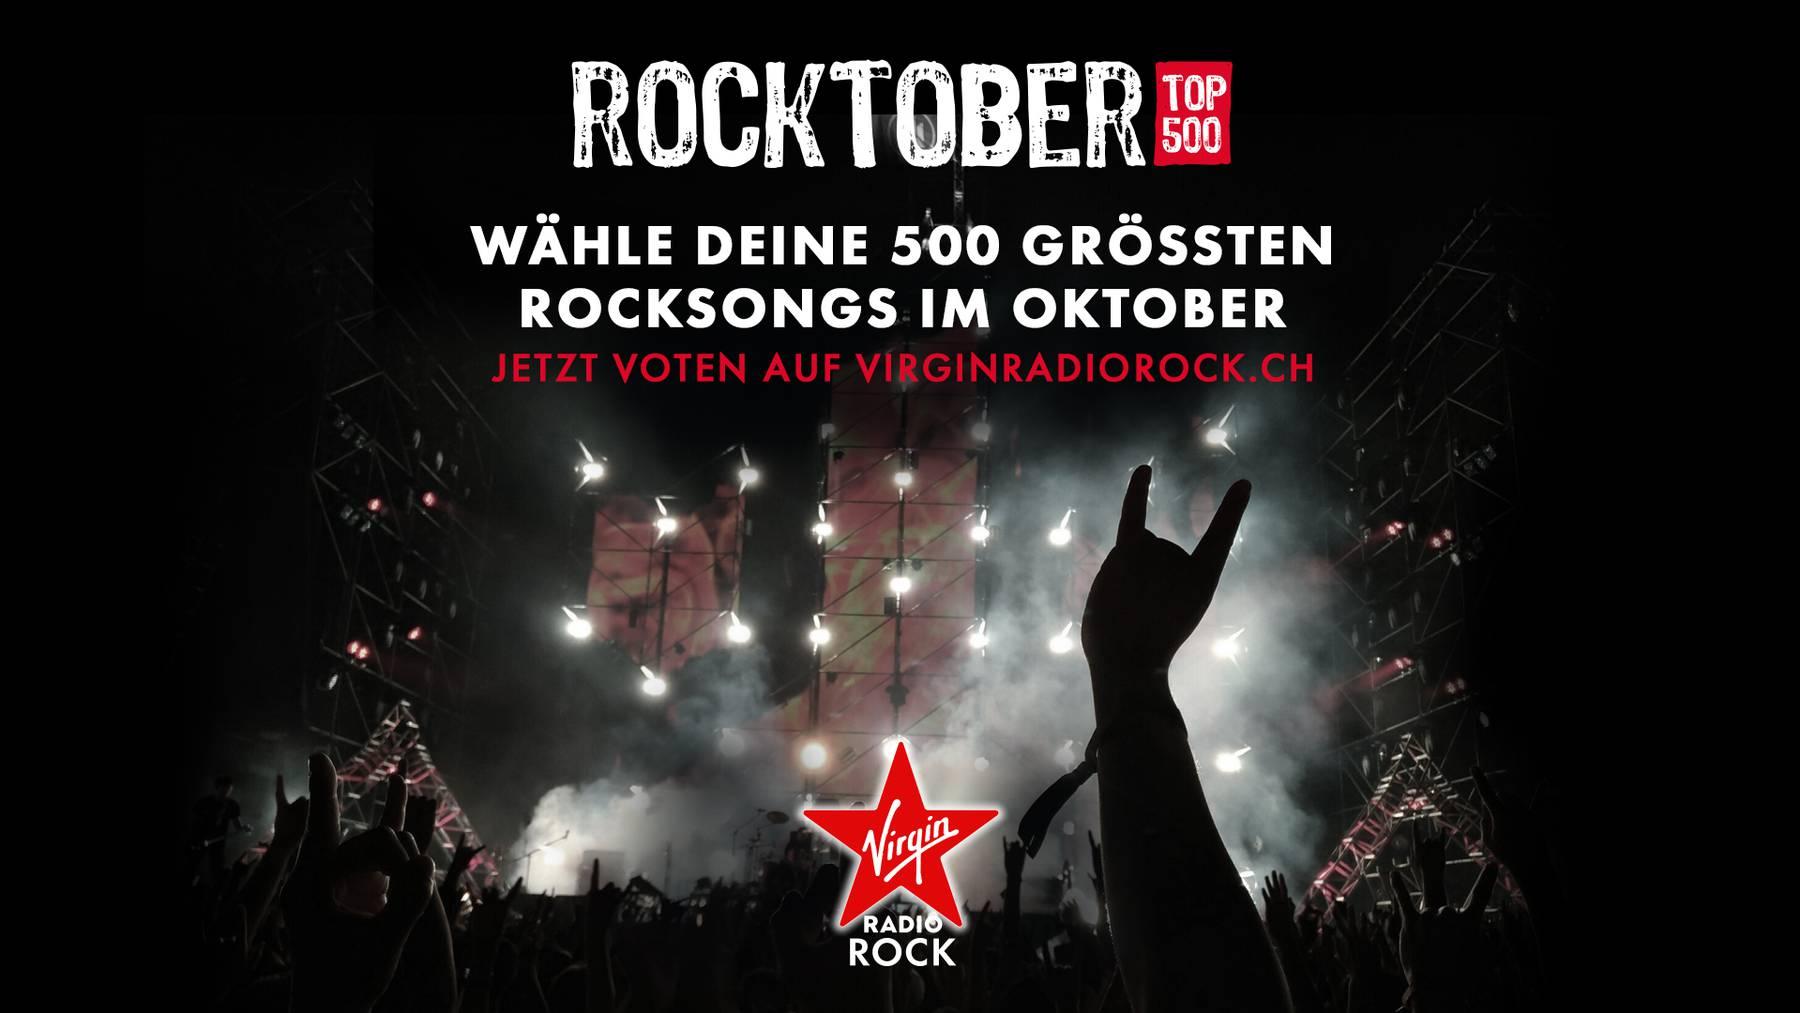 Virgin Rock Rocktober Top500 Voting